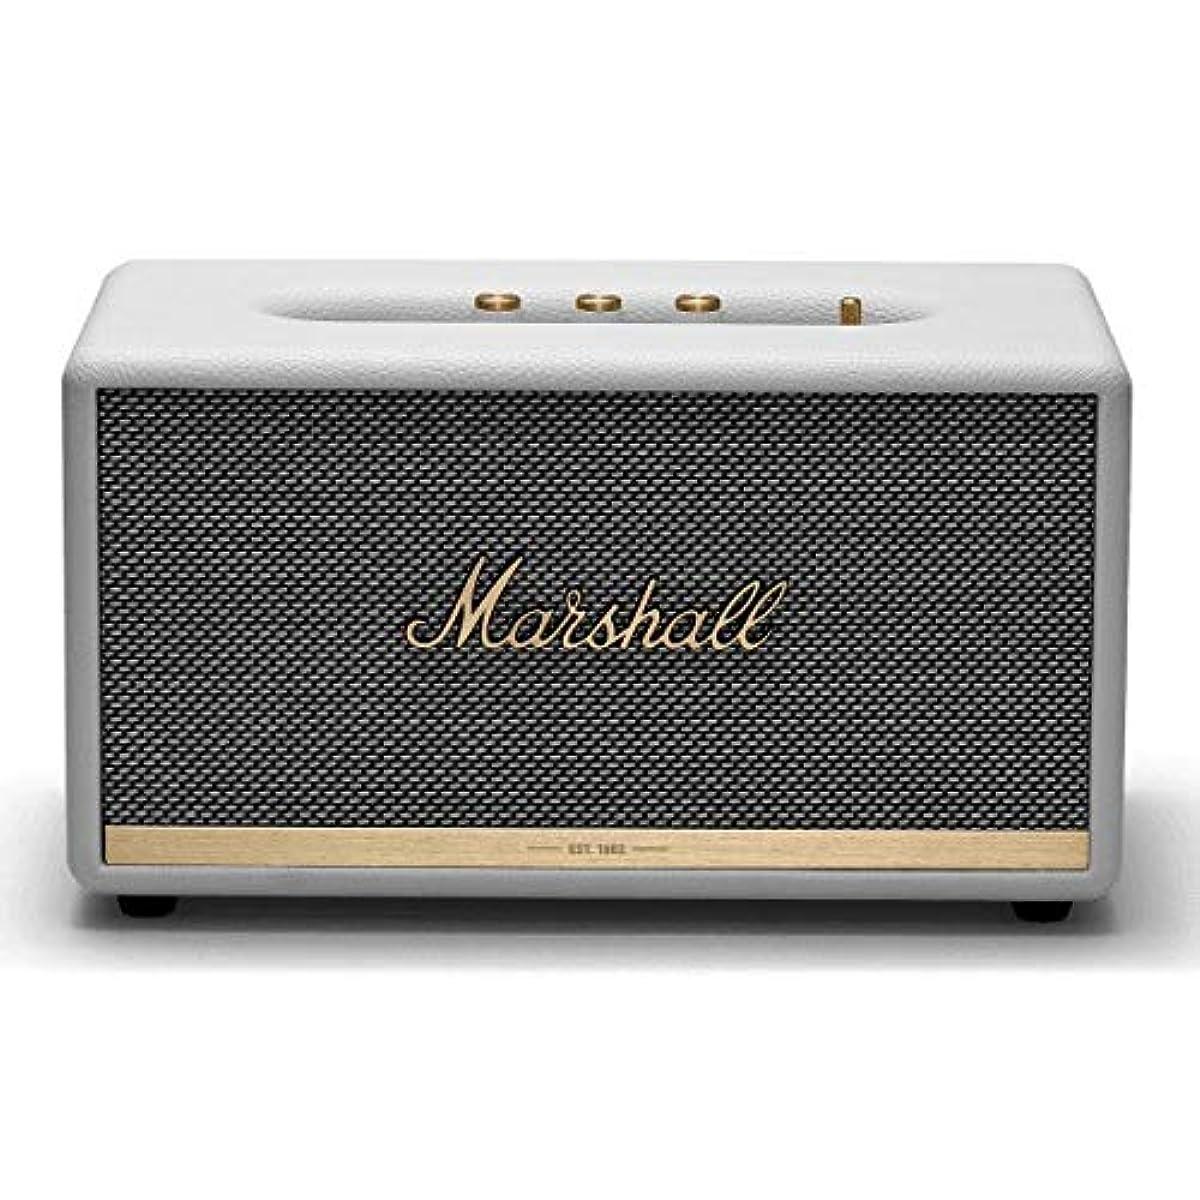 [해외] MARSHALL ZMS-1001903 STAMNORE II BLUETOOTH WHITE BLUETOOTH5.0 탑재 콤팩트 오디오 스피커